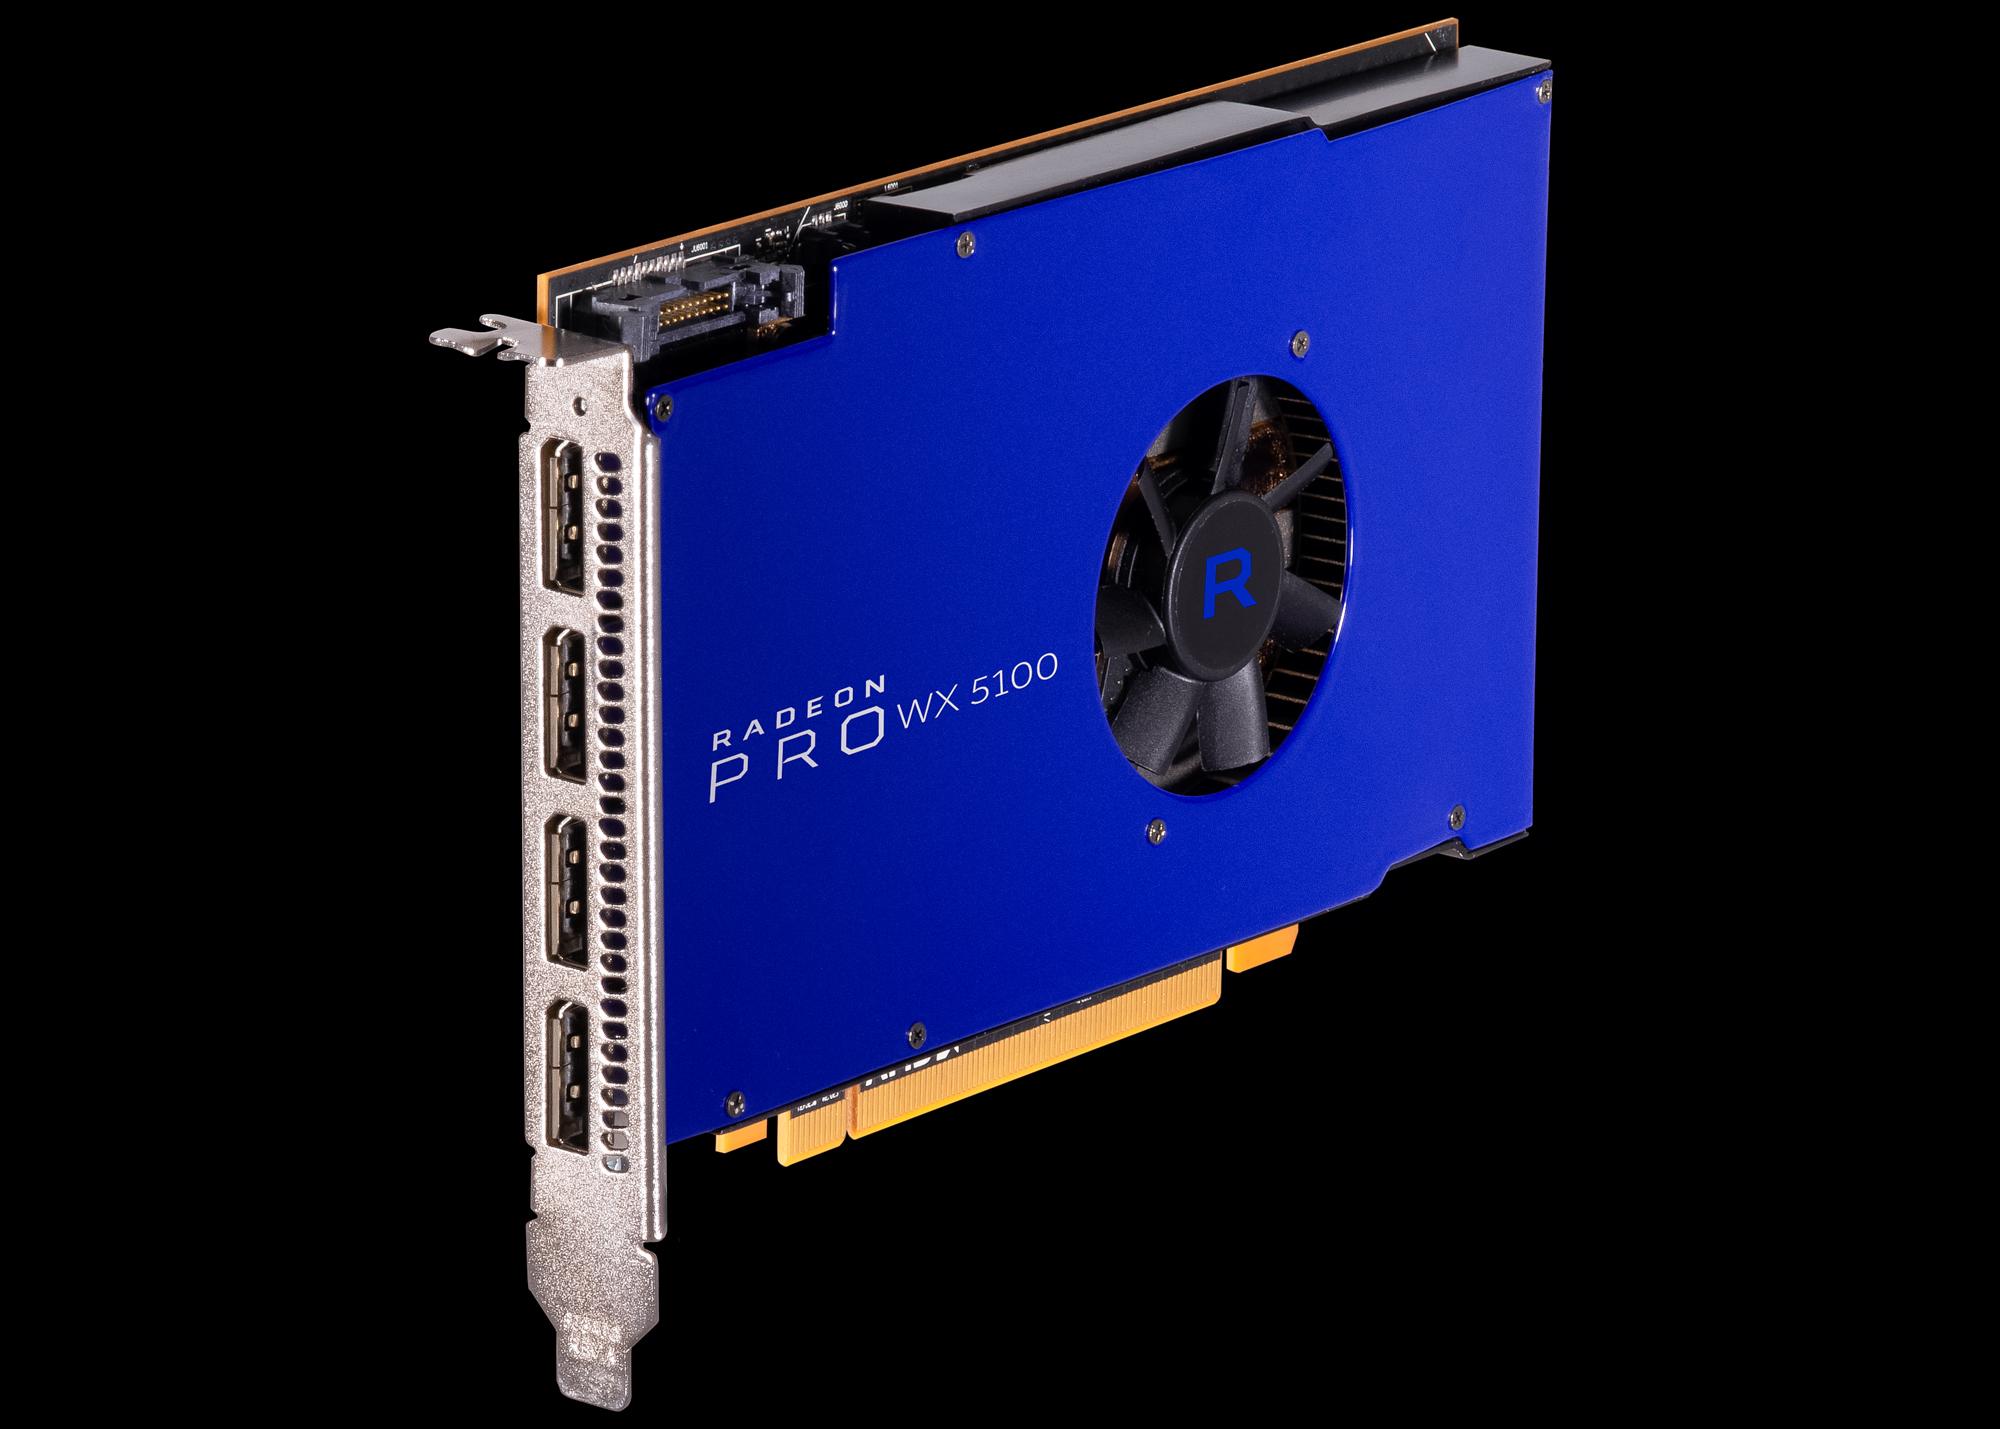 radeon-pro-wx-5100.jpg